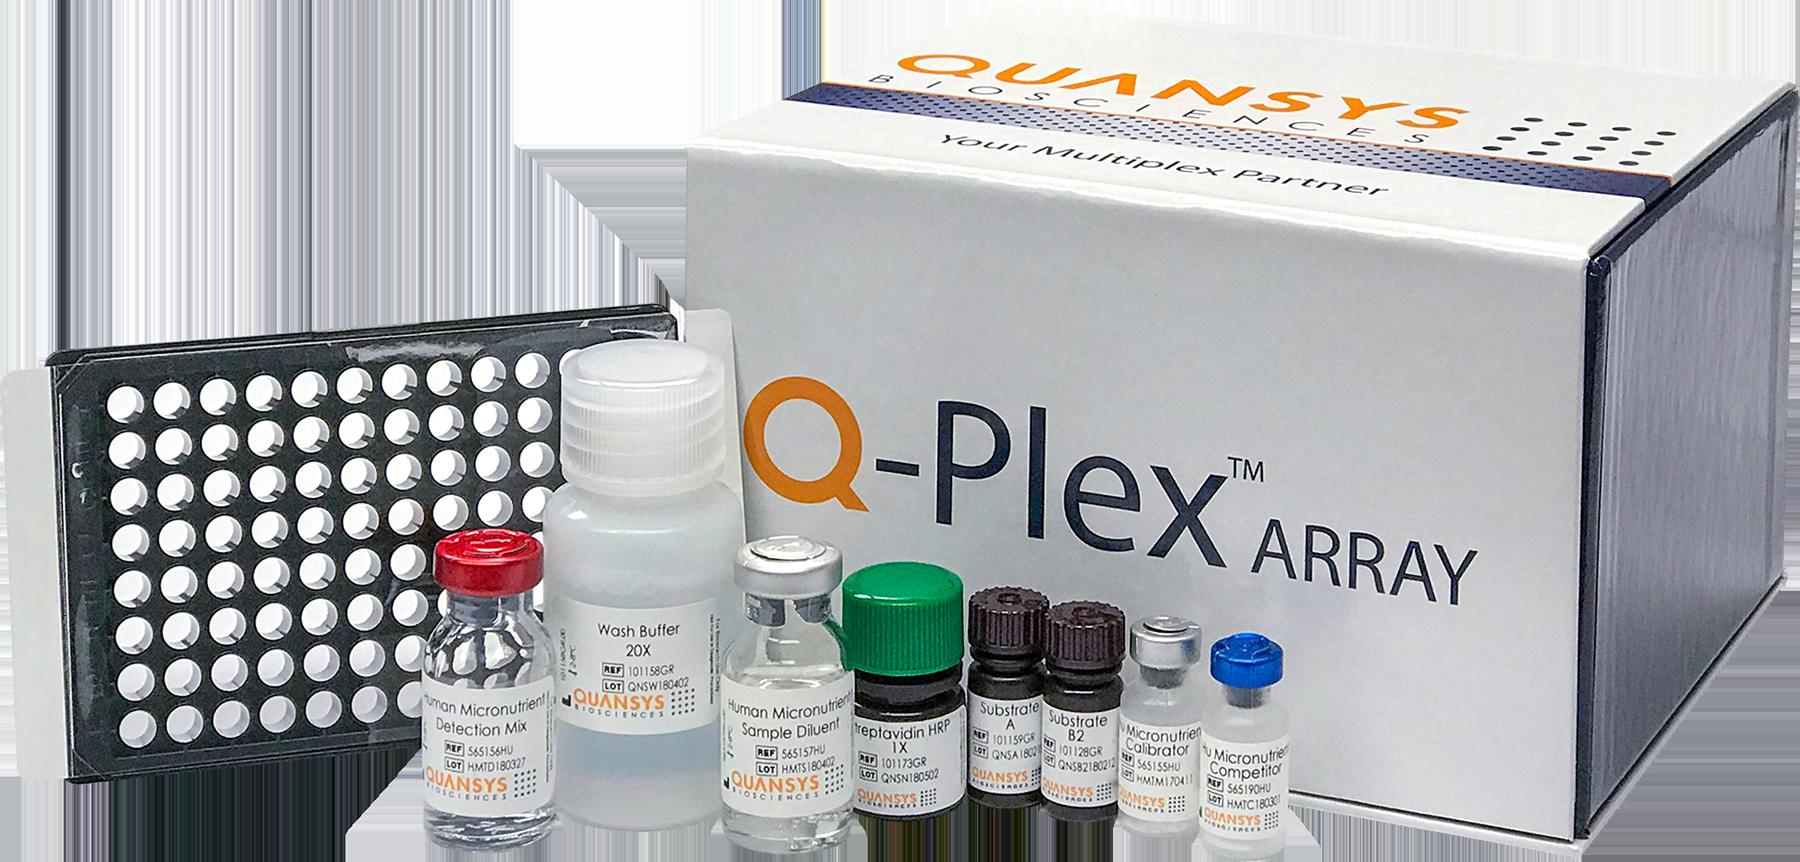 Q-Plex Human Kit